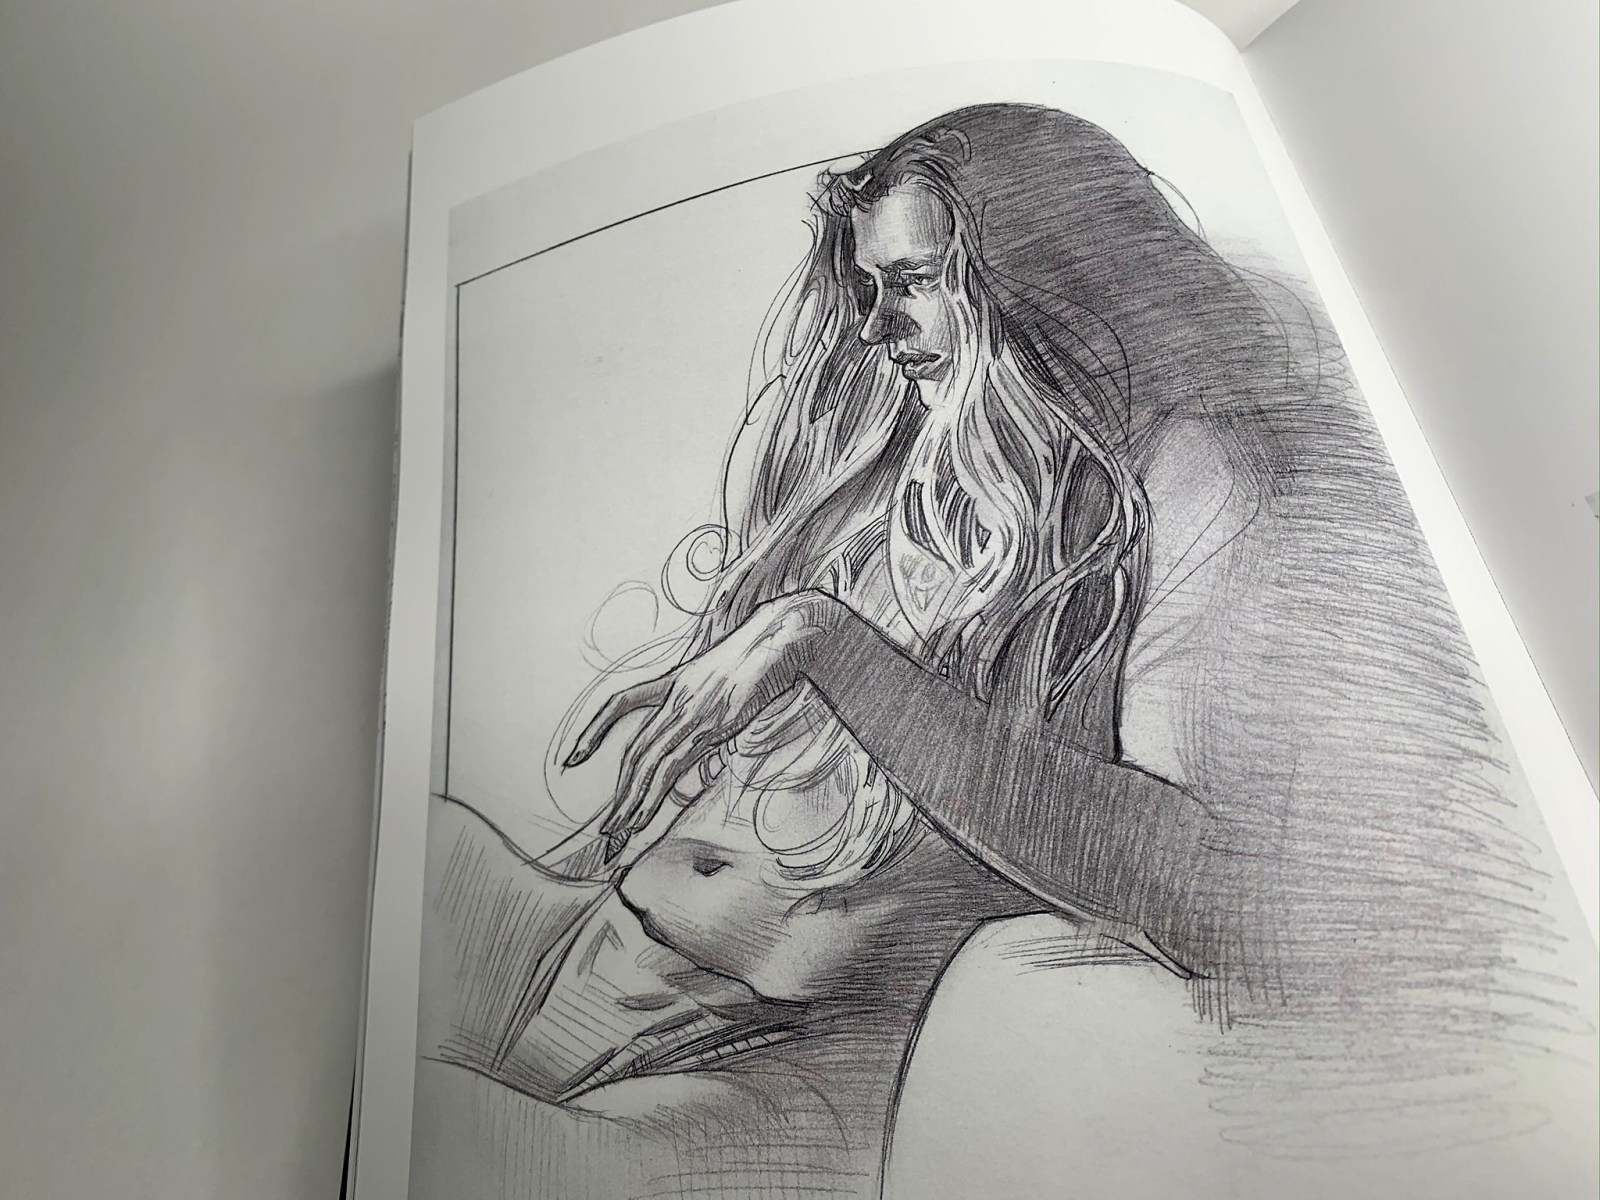 Extrait du livre artbook Muse : exploration of the female form par James Martin.